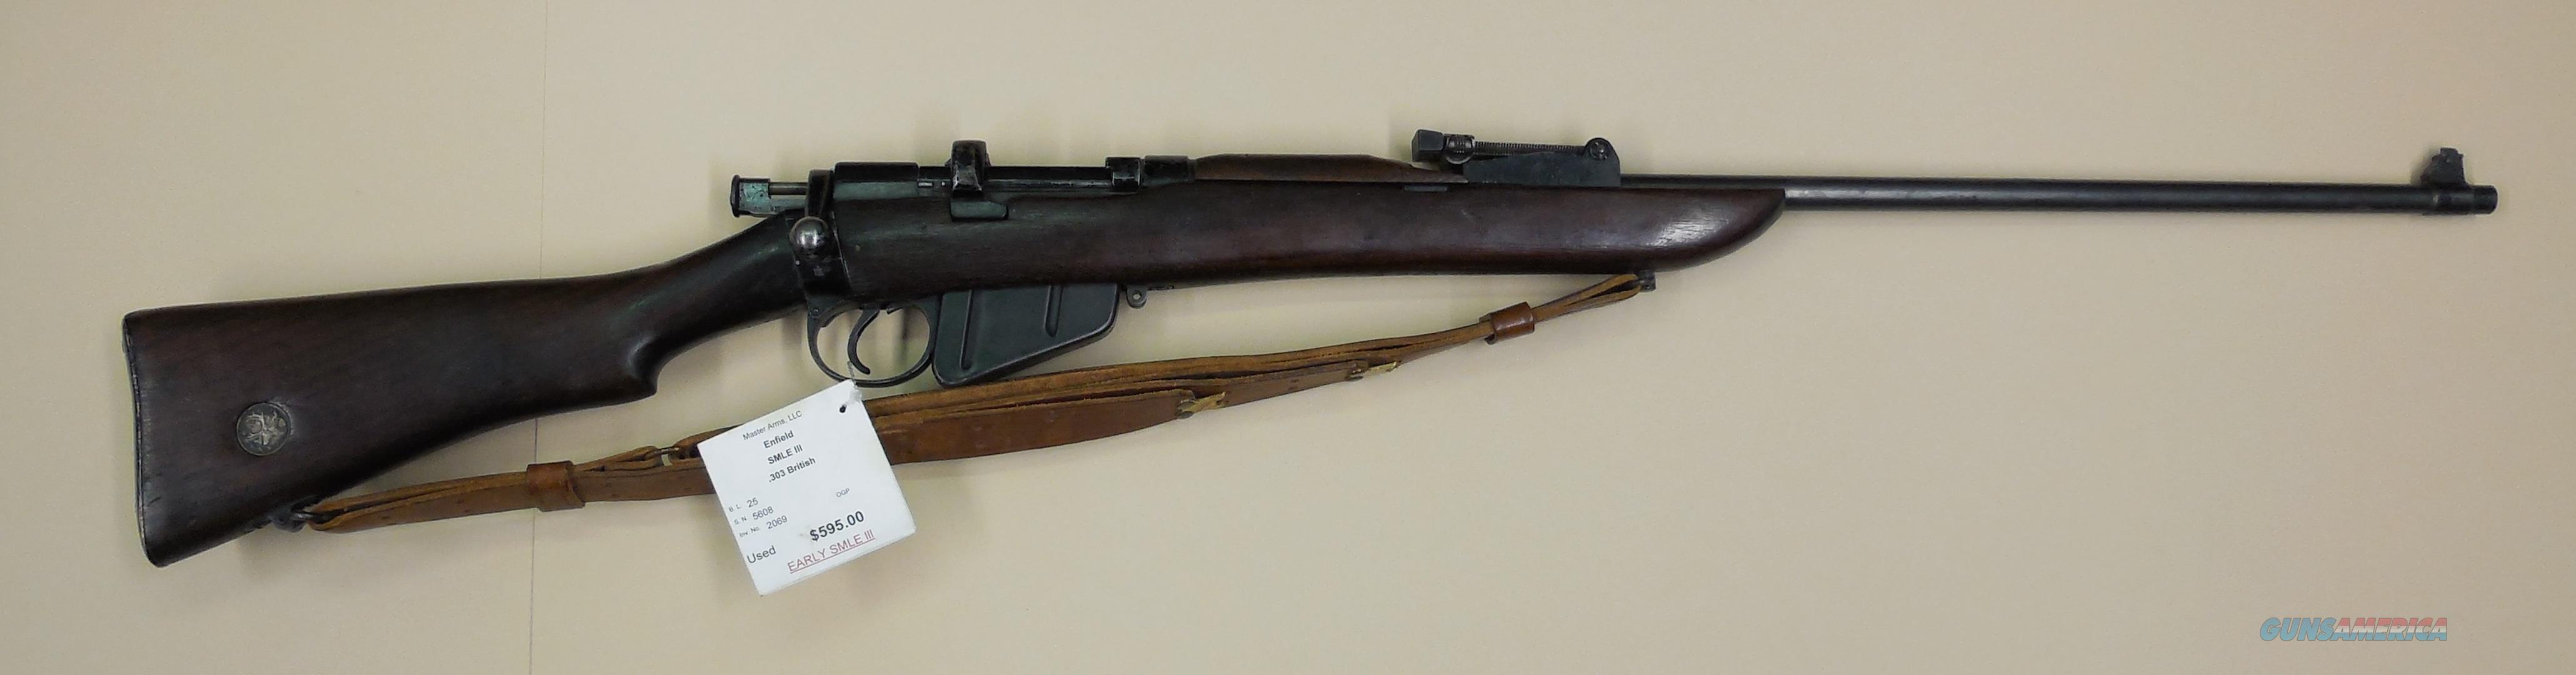 ENFIELD SMLE lll  Guns > Rifles > Enfield Rifle